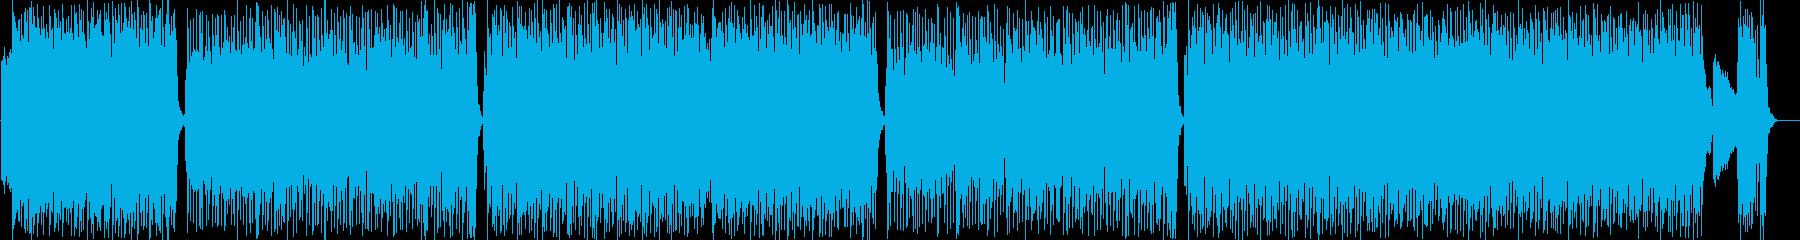 世界 楽しげ ピアノ スパニッシュ...の再生済みの波形